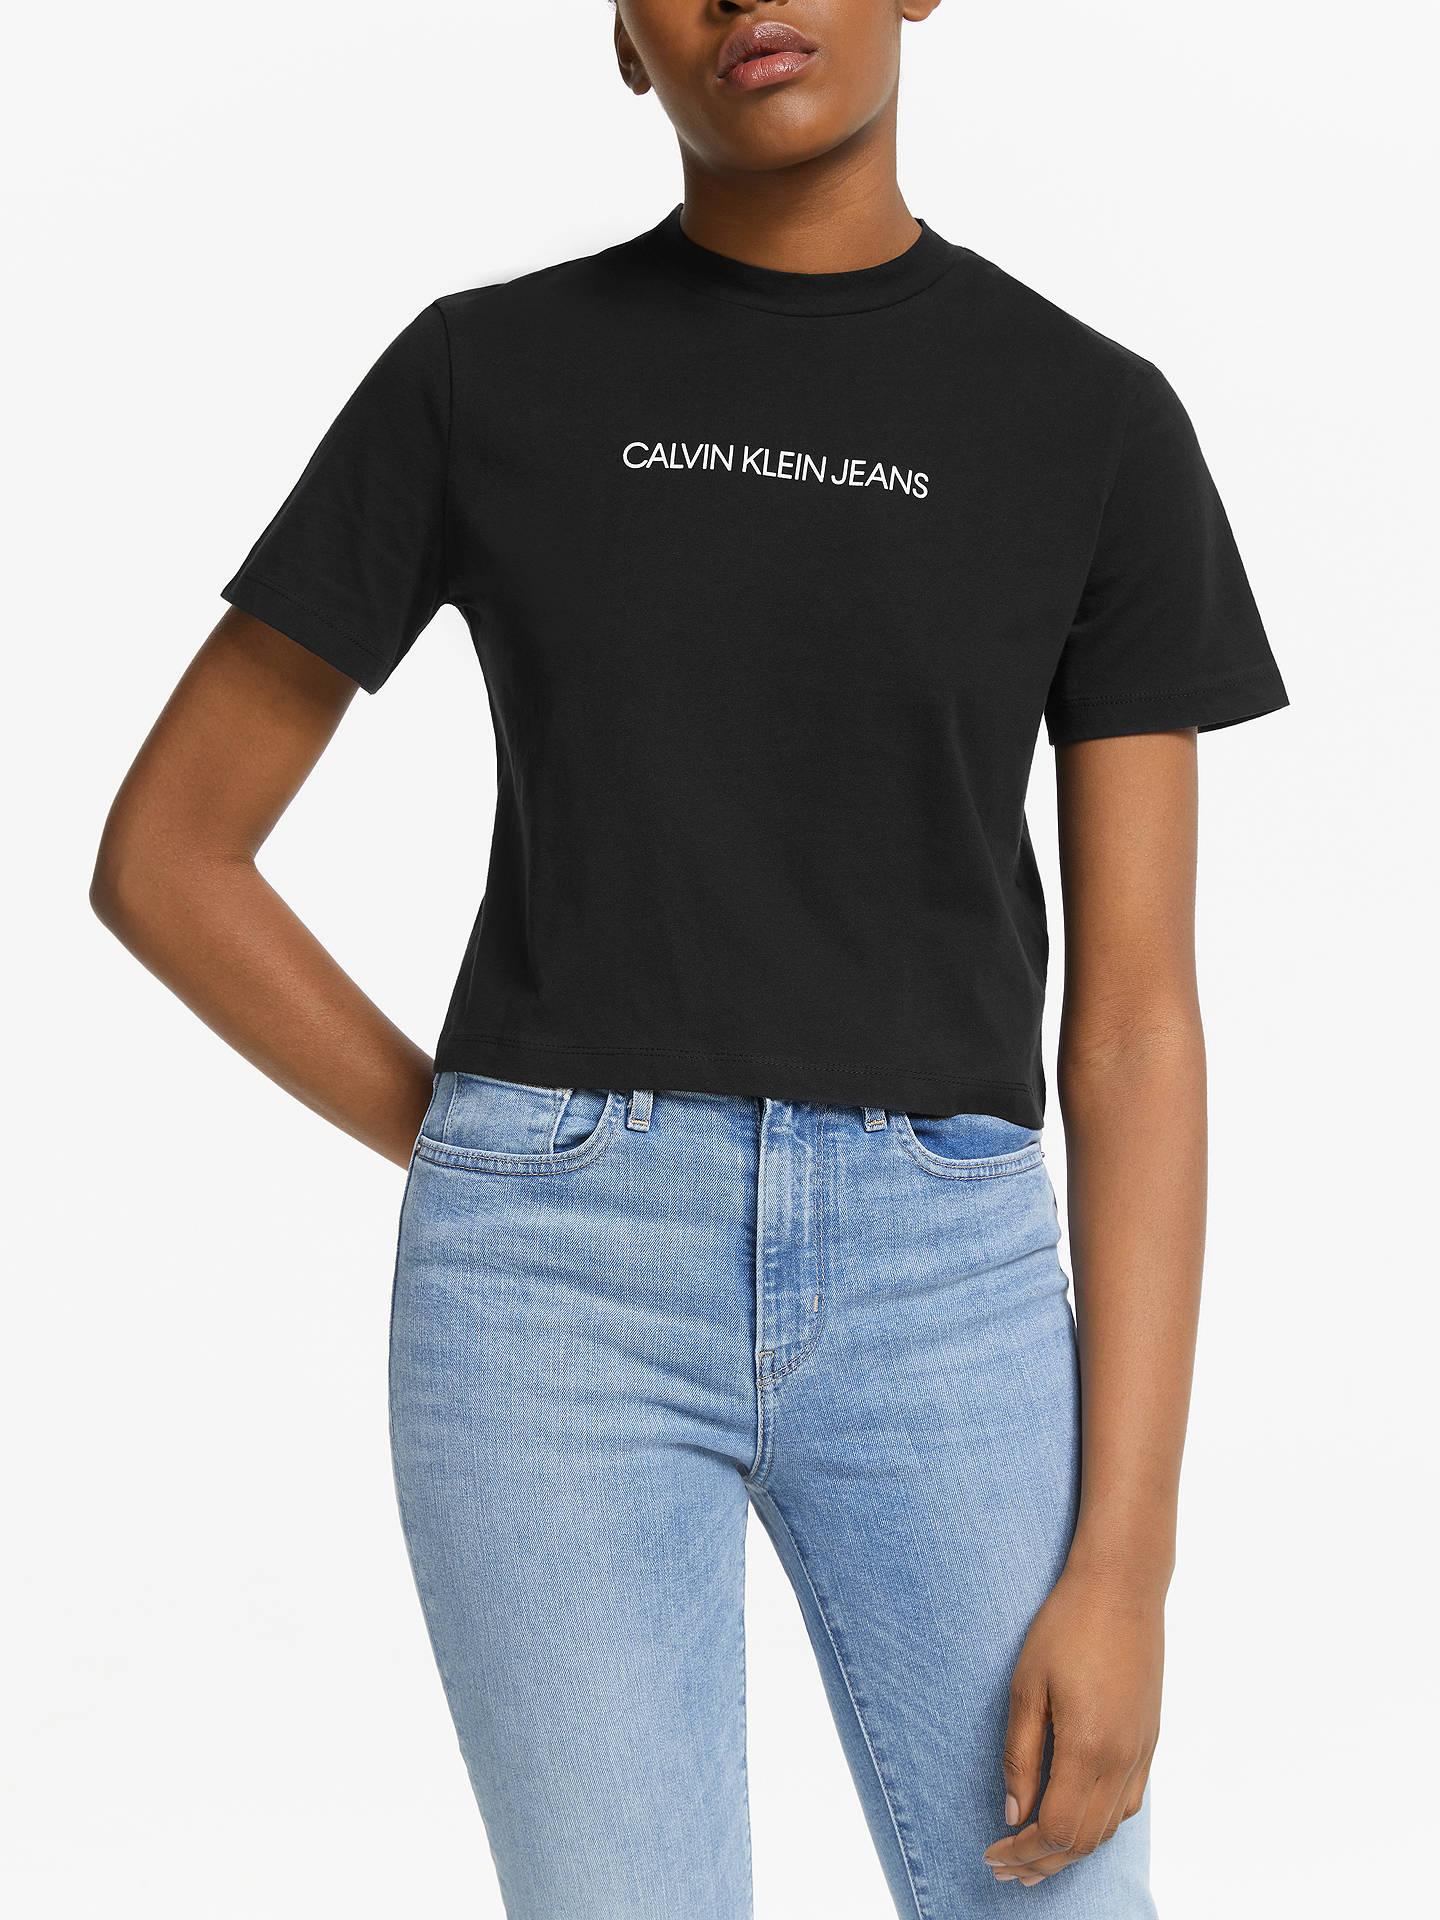 c93c4fee6382 Calvin Klein Jeans Shrunken Cropped Logo T-Shirt at John Lewis ...